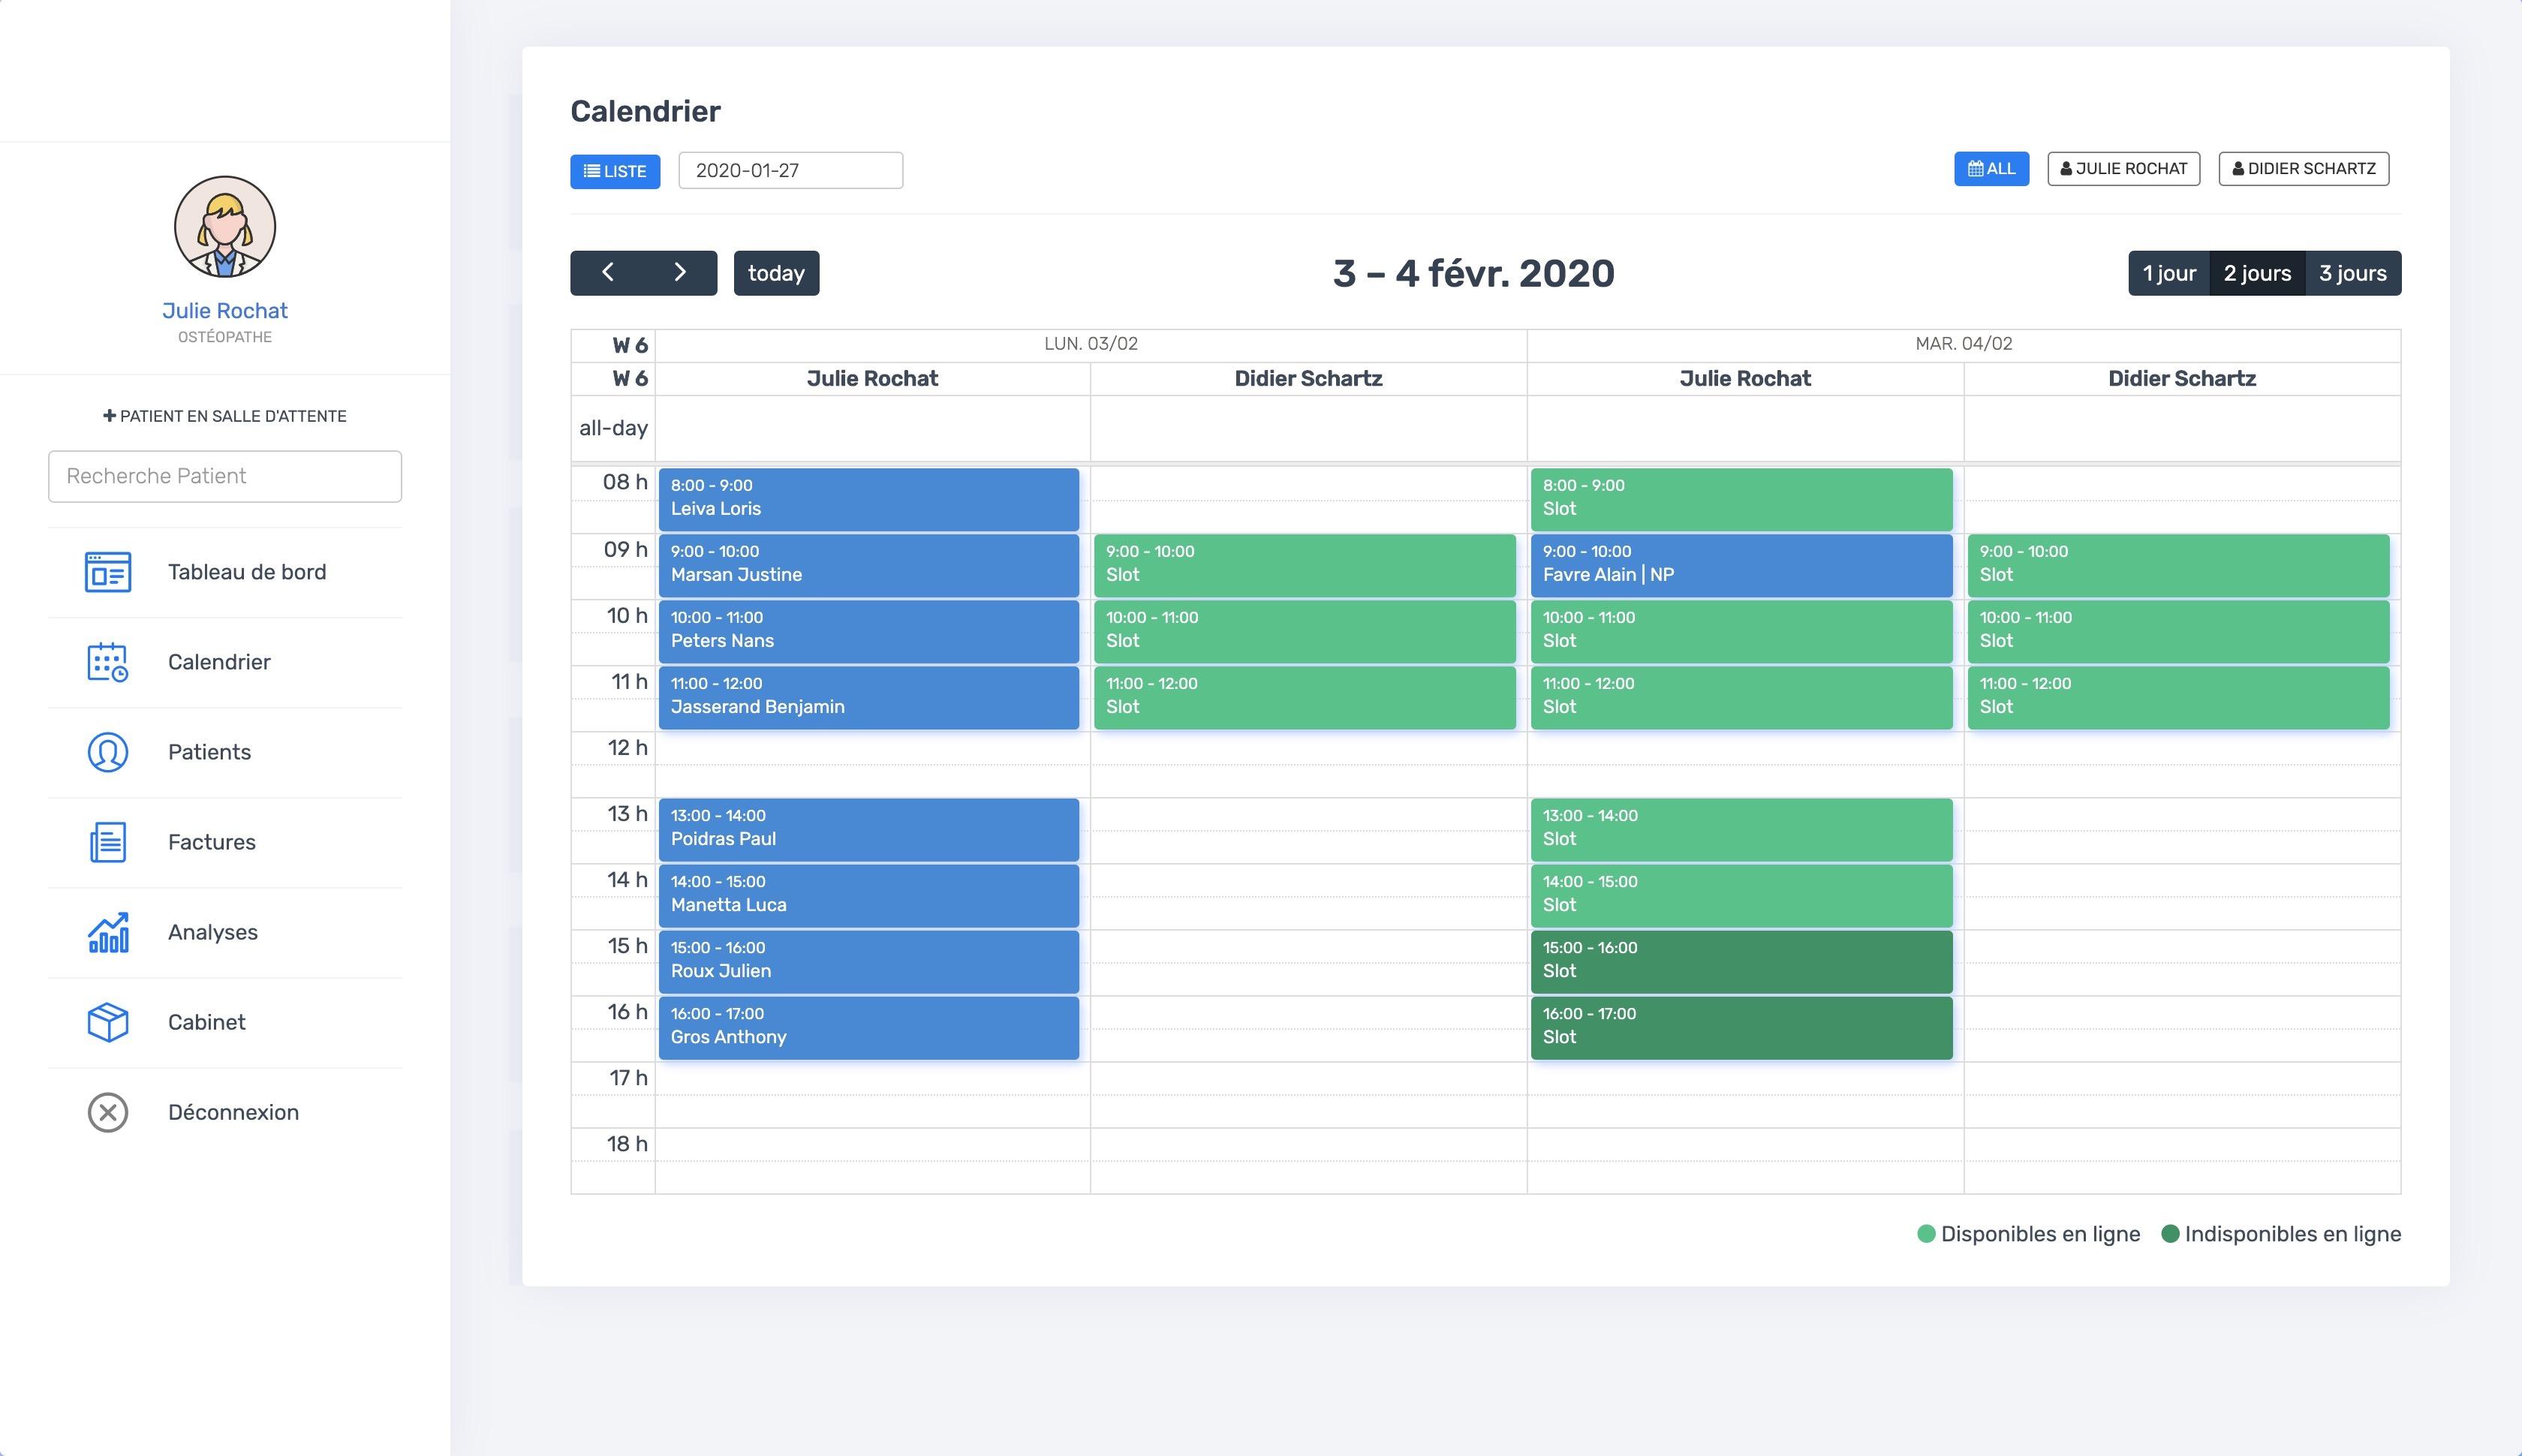 La vue du calendrier multi-thérapeutes | PERF'PSYCHO